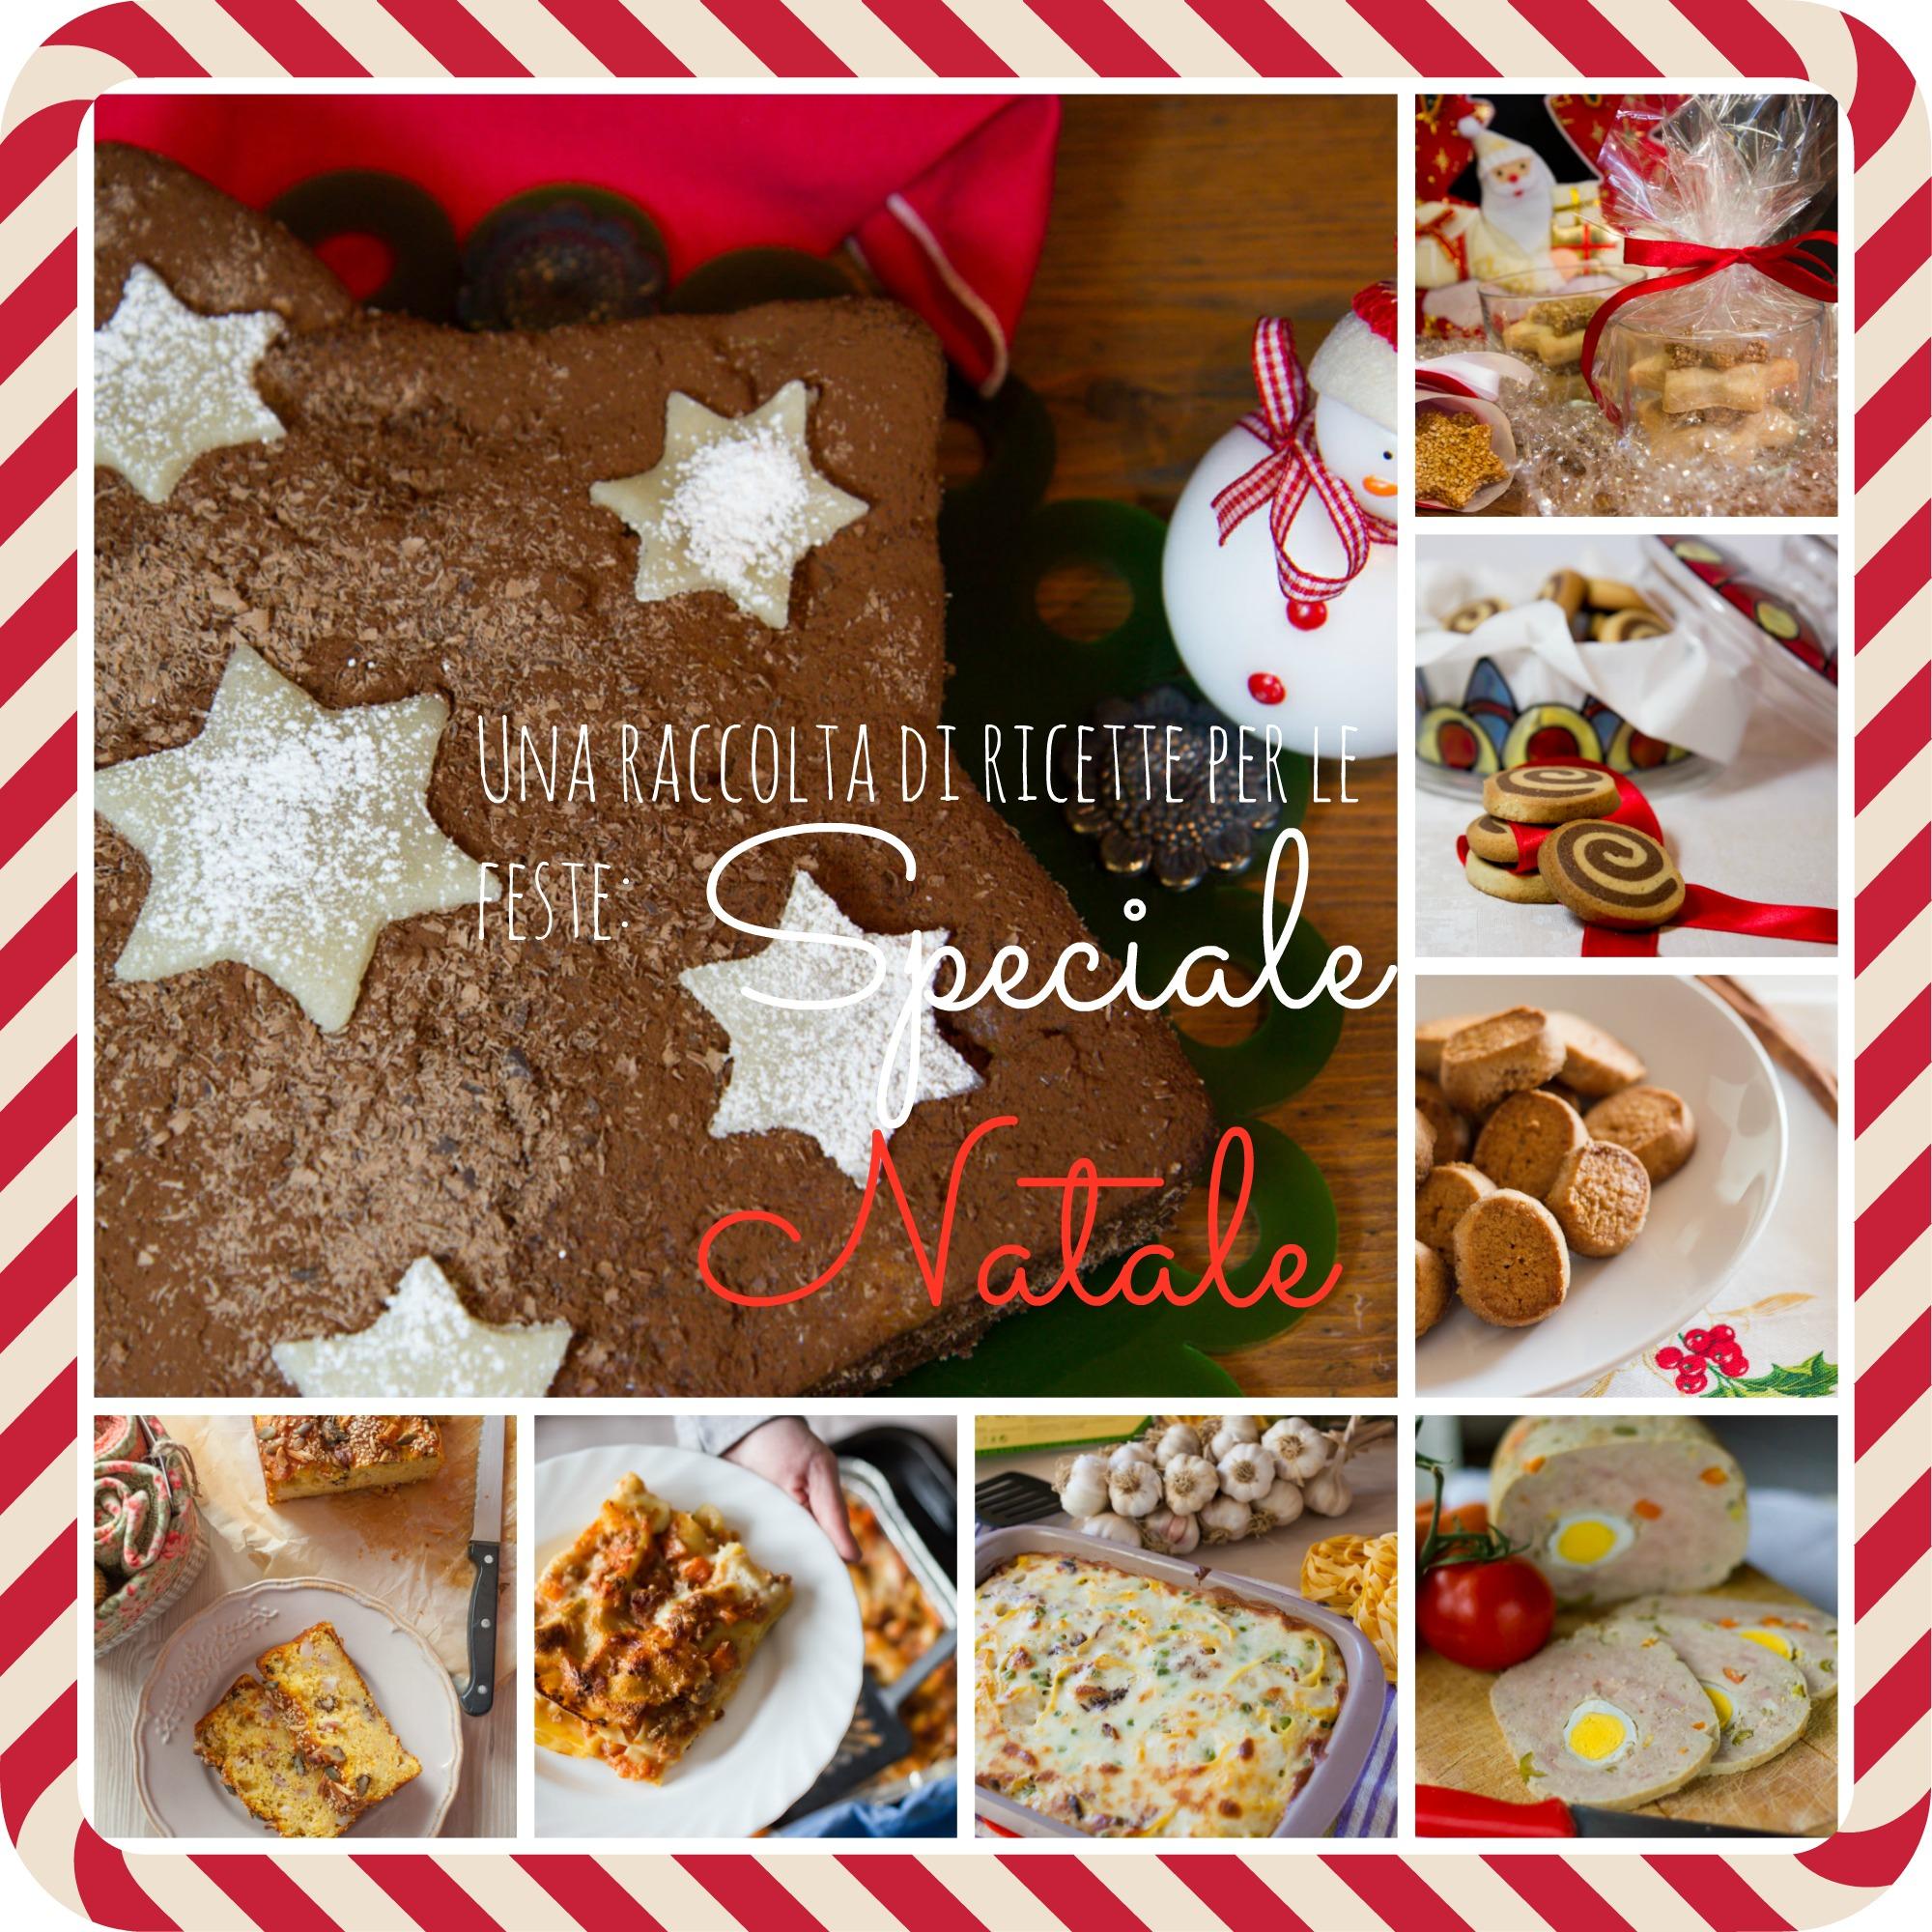 Ricette di Natale: i piatti più buoni per le feste!